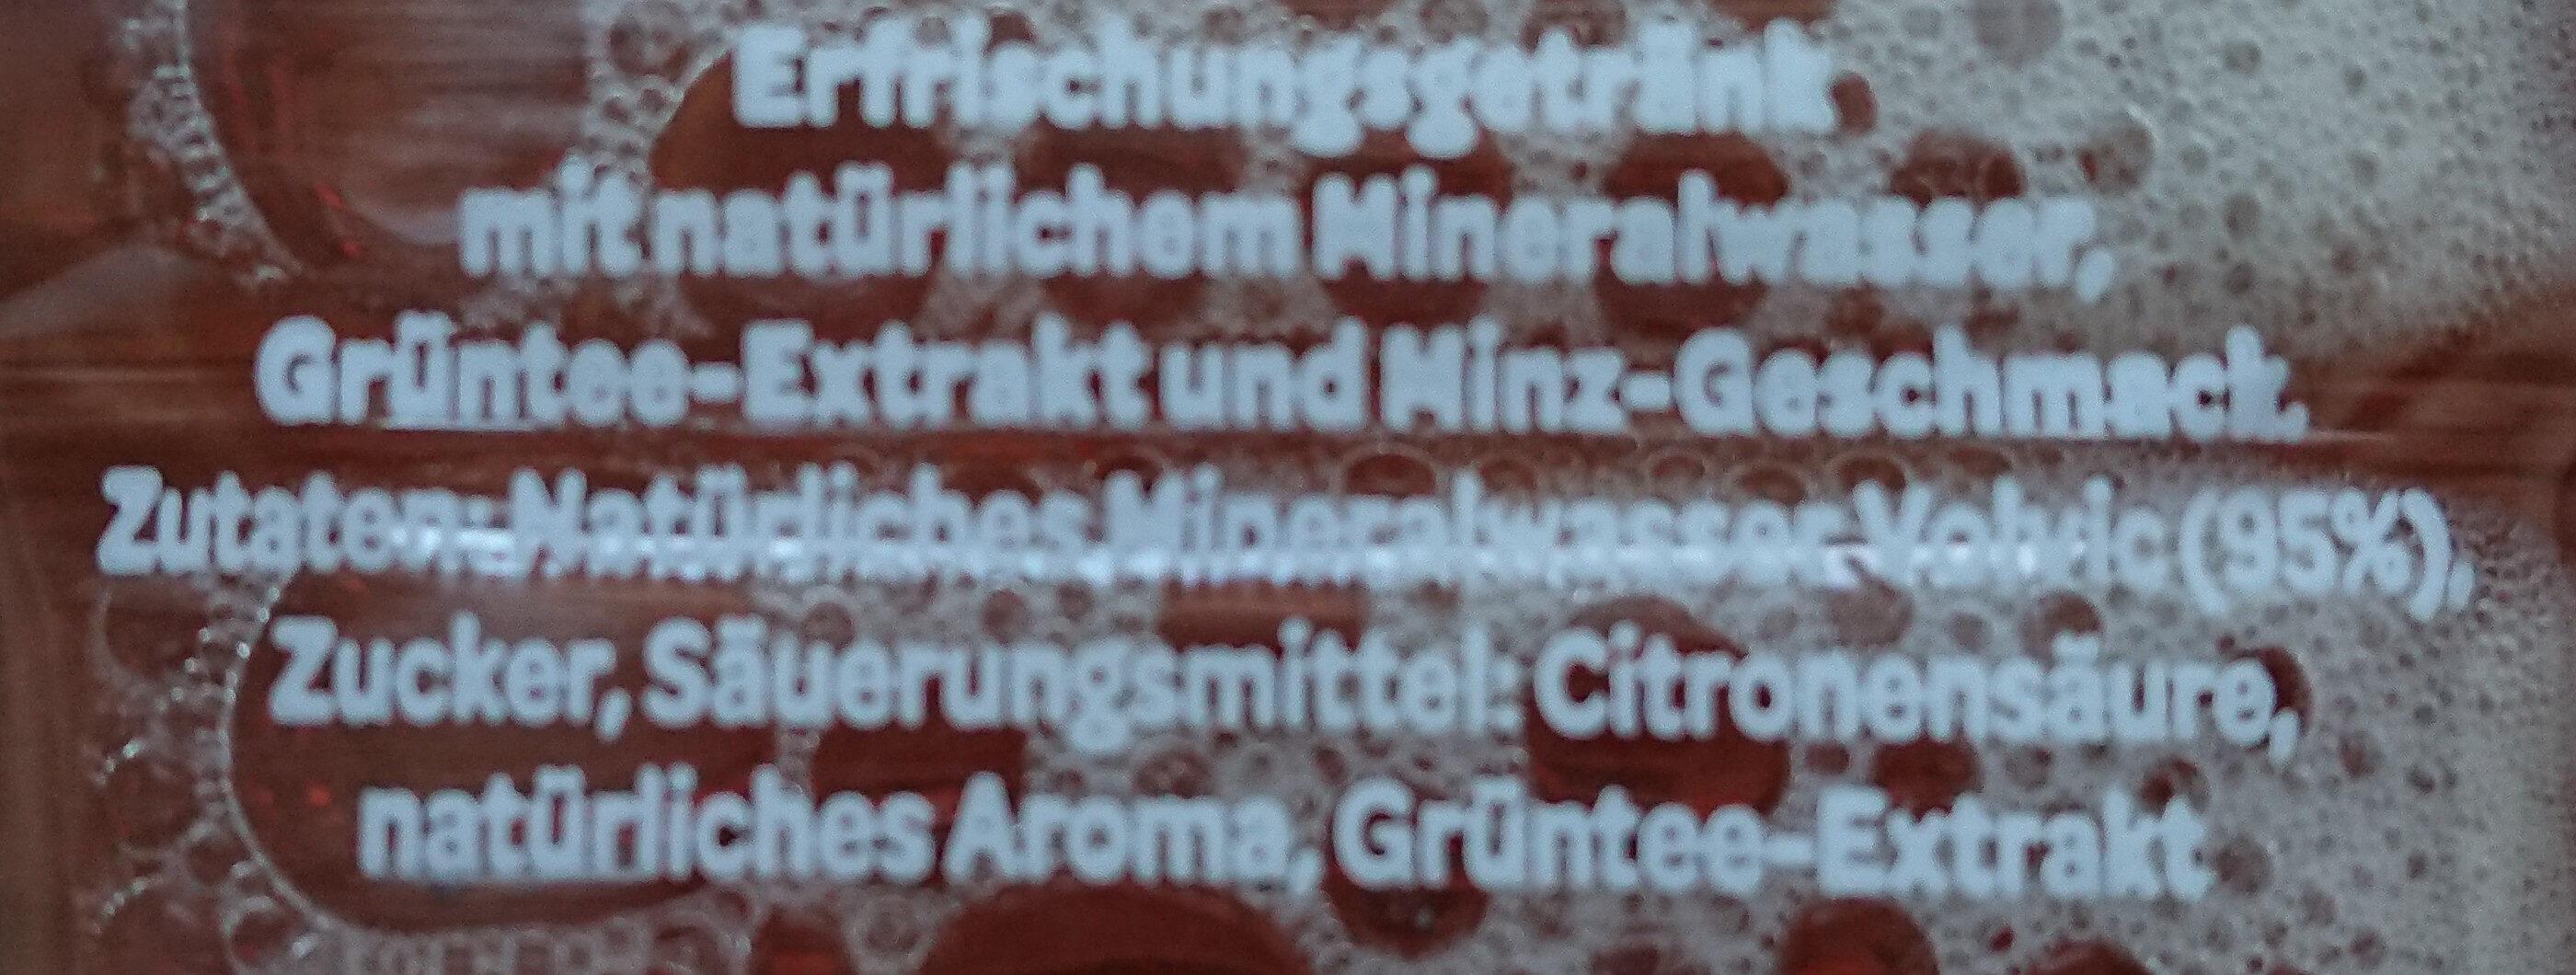 Tee Minz Geschmack - Ingredienti - de